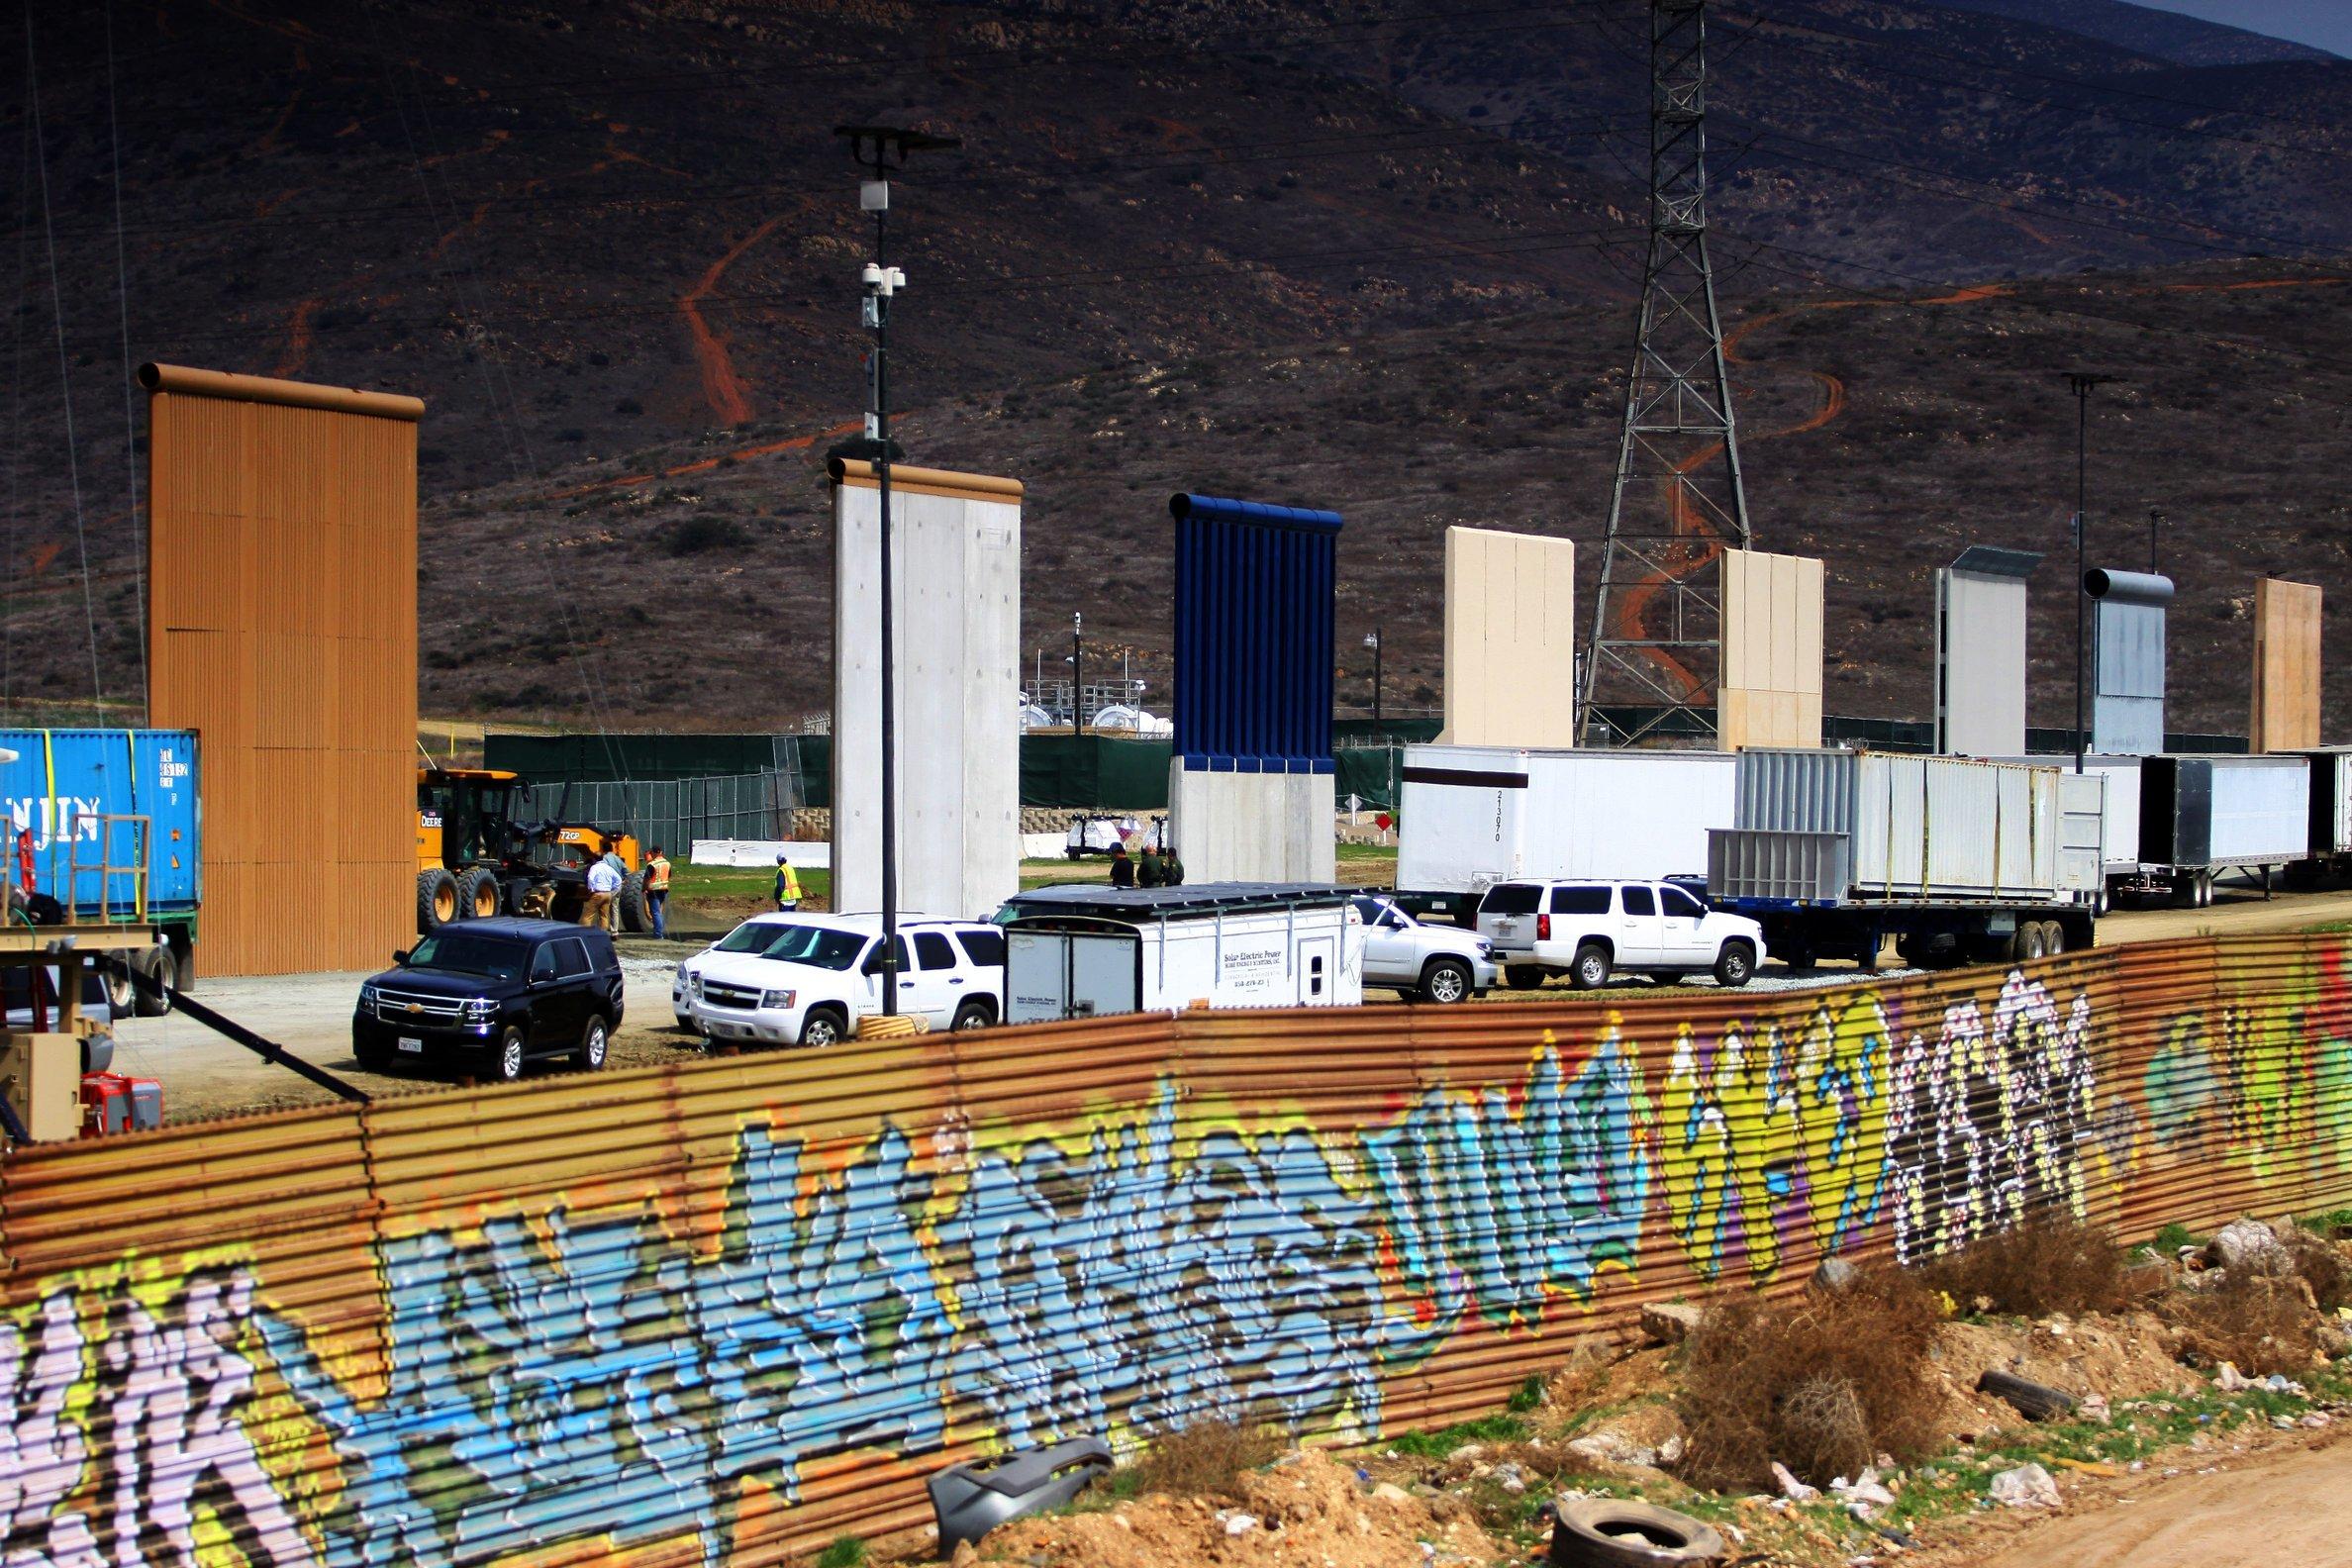 Teksas šalje 250 pripadnika Nacionalne garde na meksičku granicu